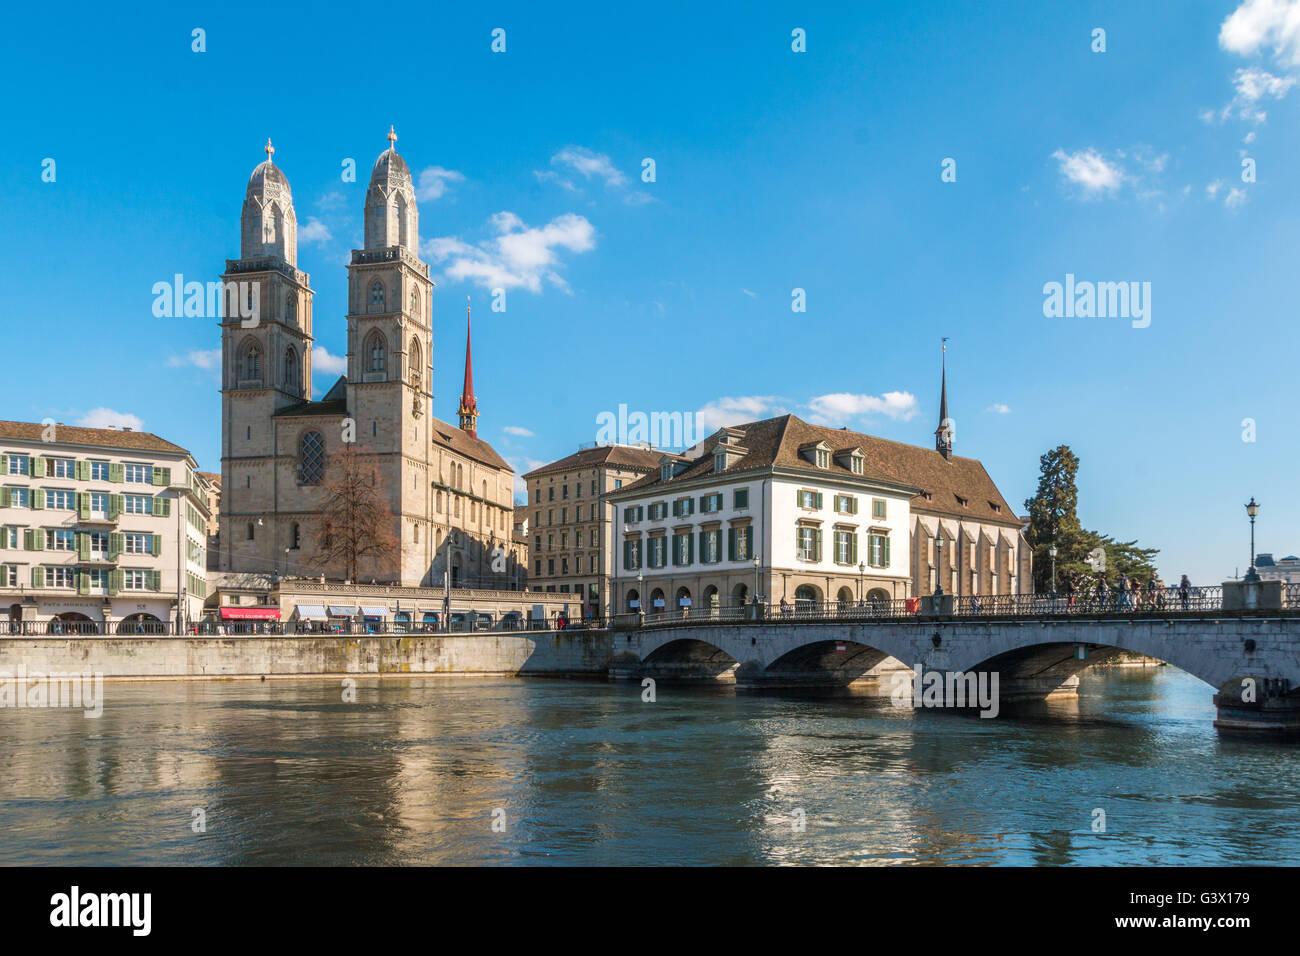 Church in Zurich Stock Photo